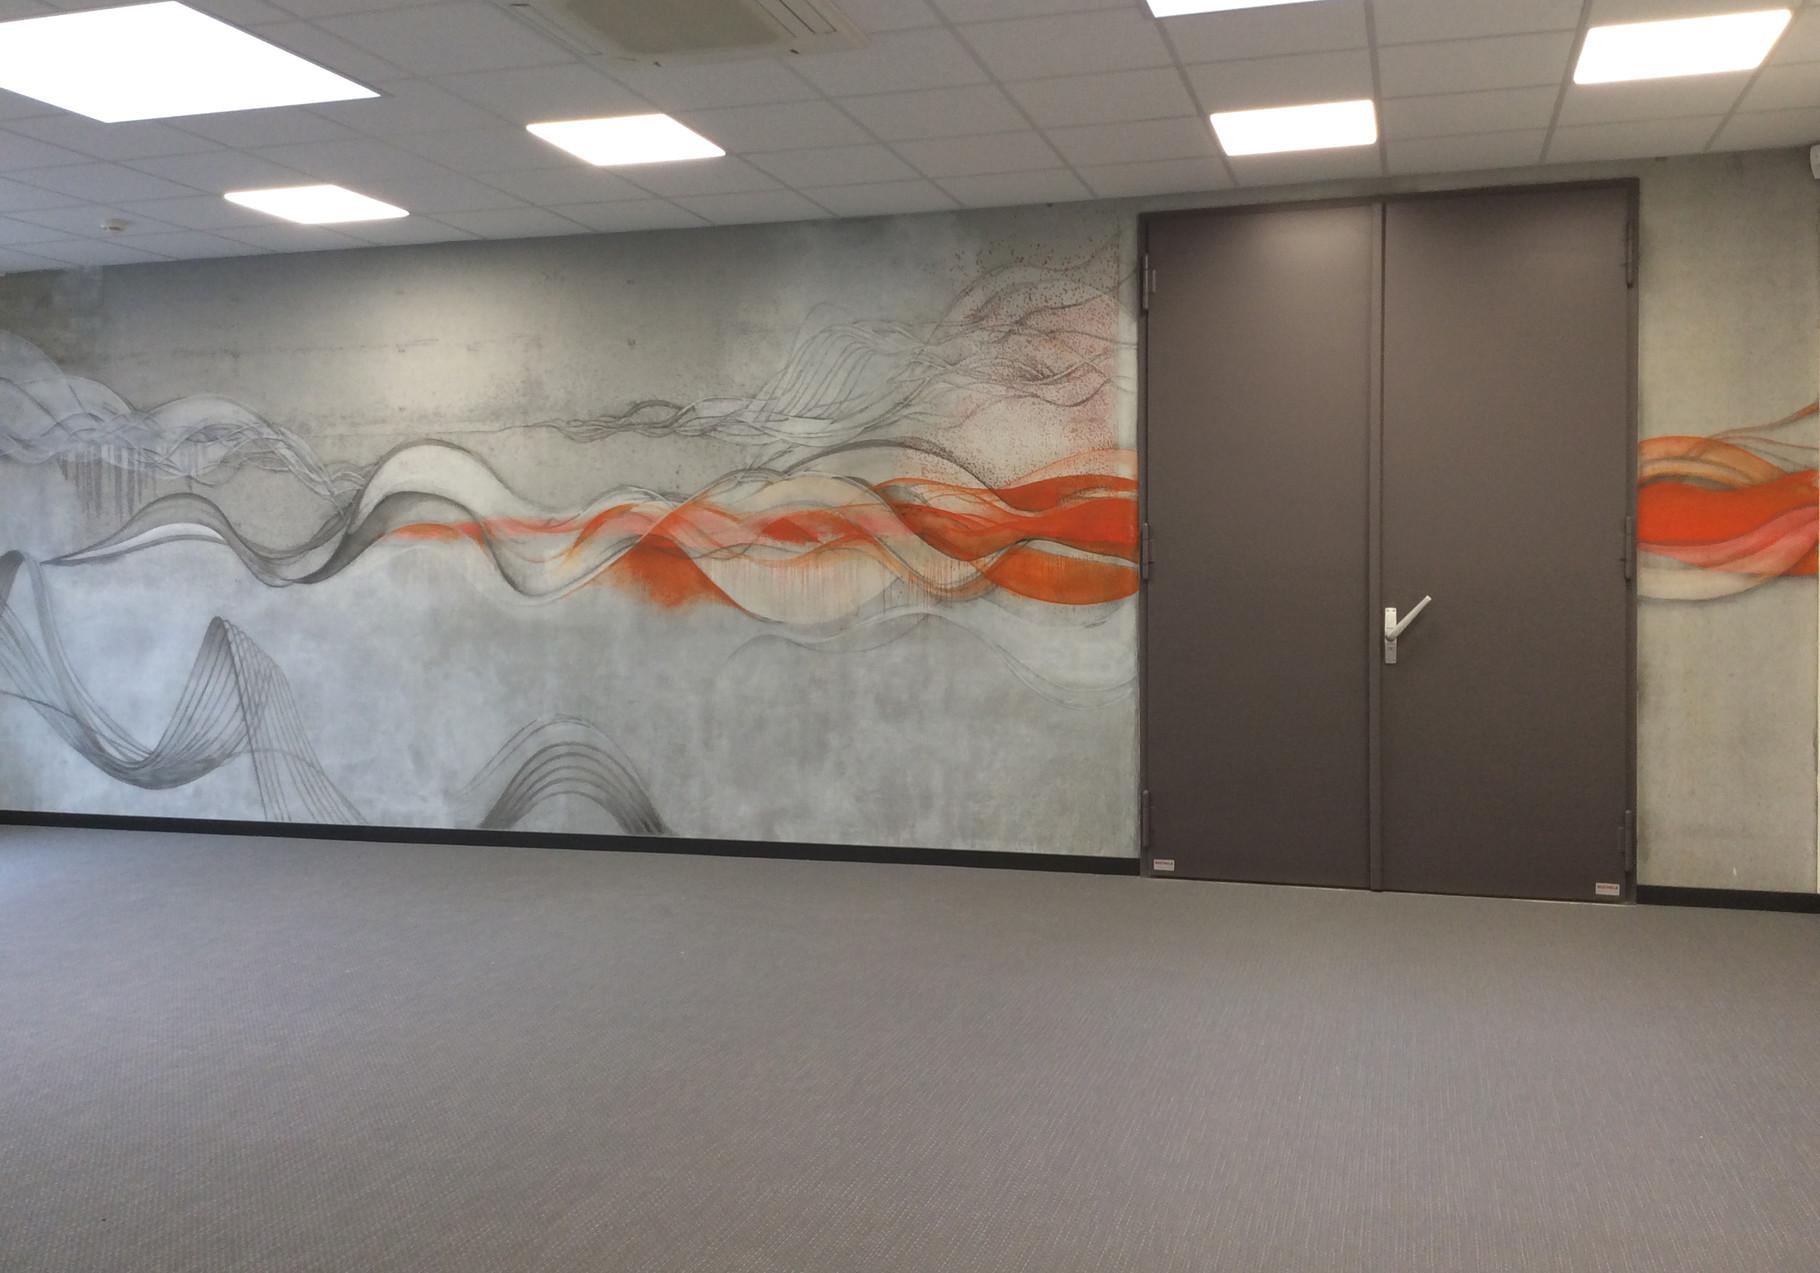 Wandmalerei im Schallprüfraum